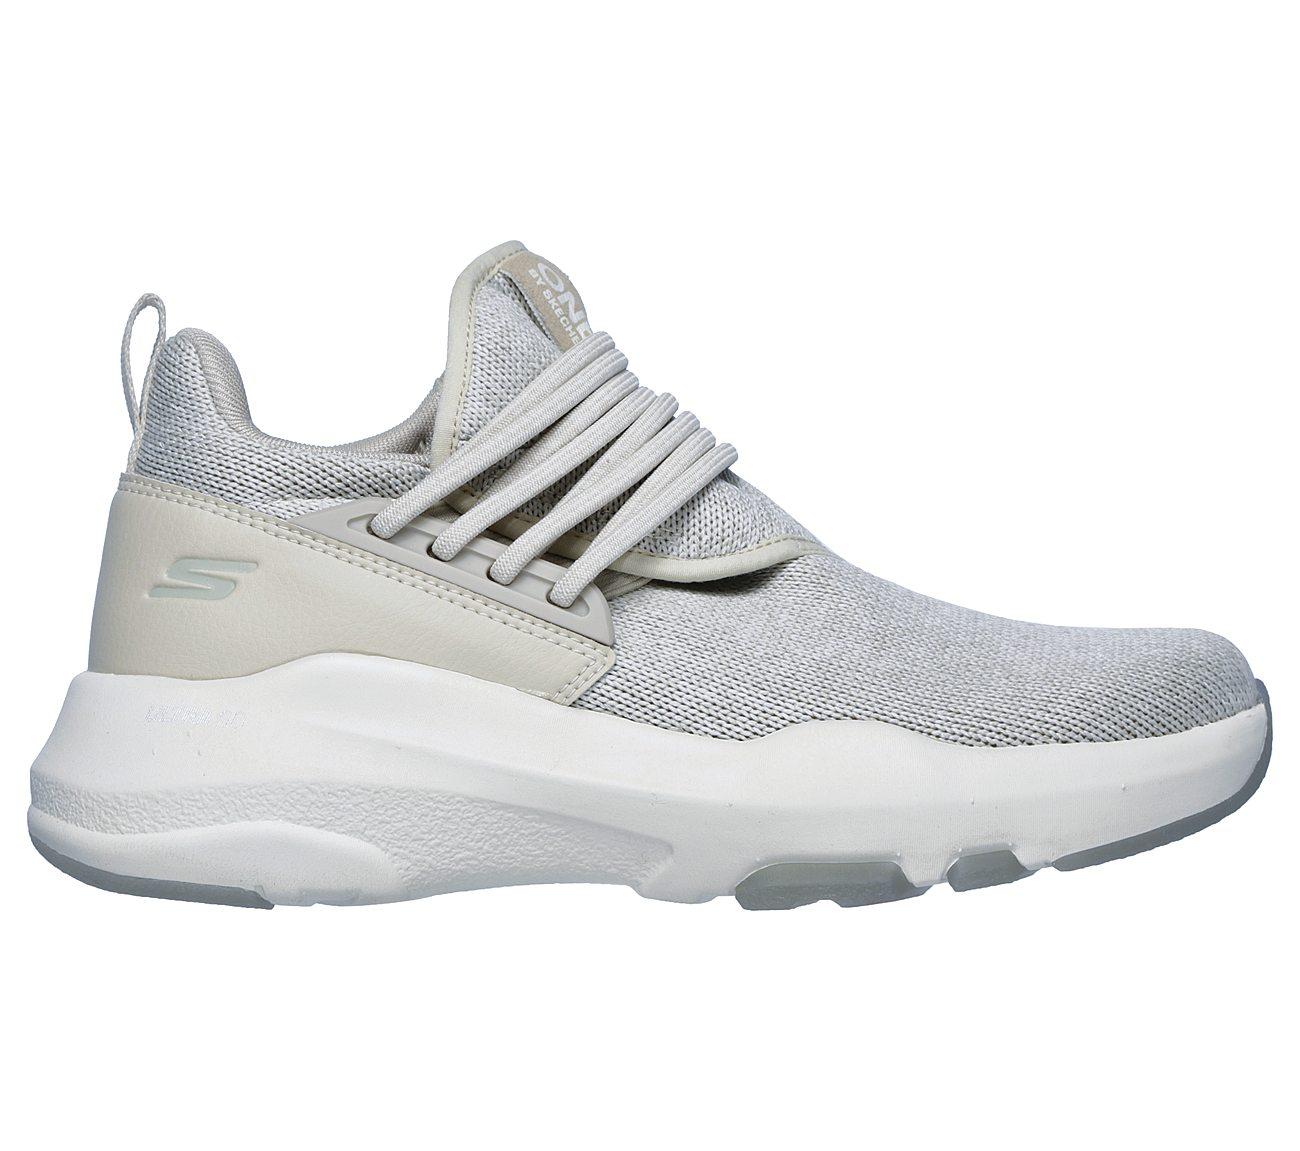 b67cf6dde0e8 Buy SKECHERS Skechers ONE Element Ultra - Atomic Skechers ONE Shoes ...